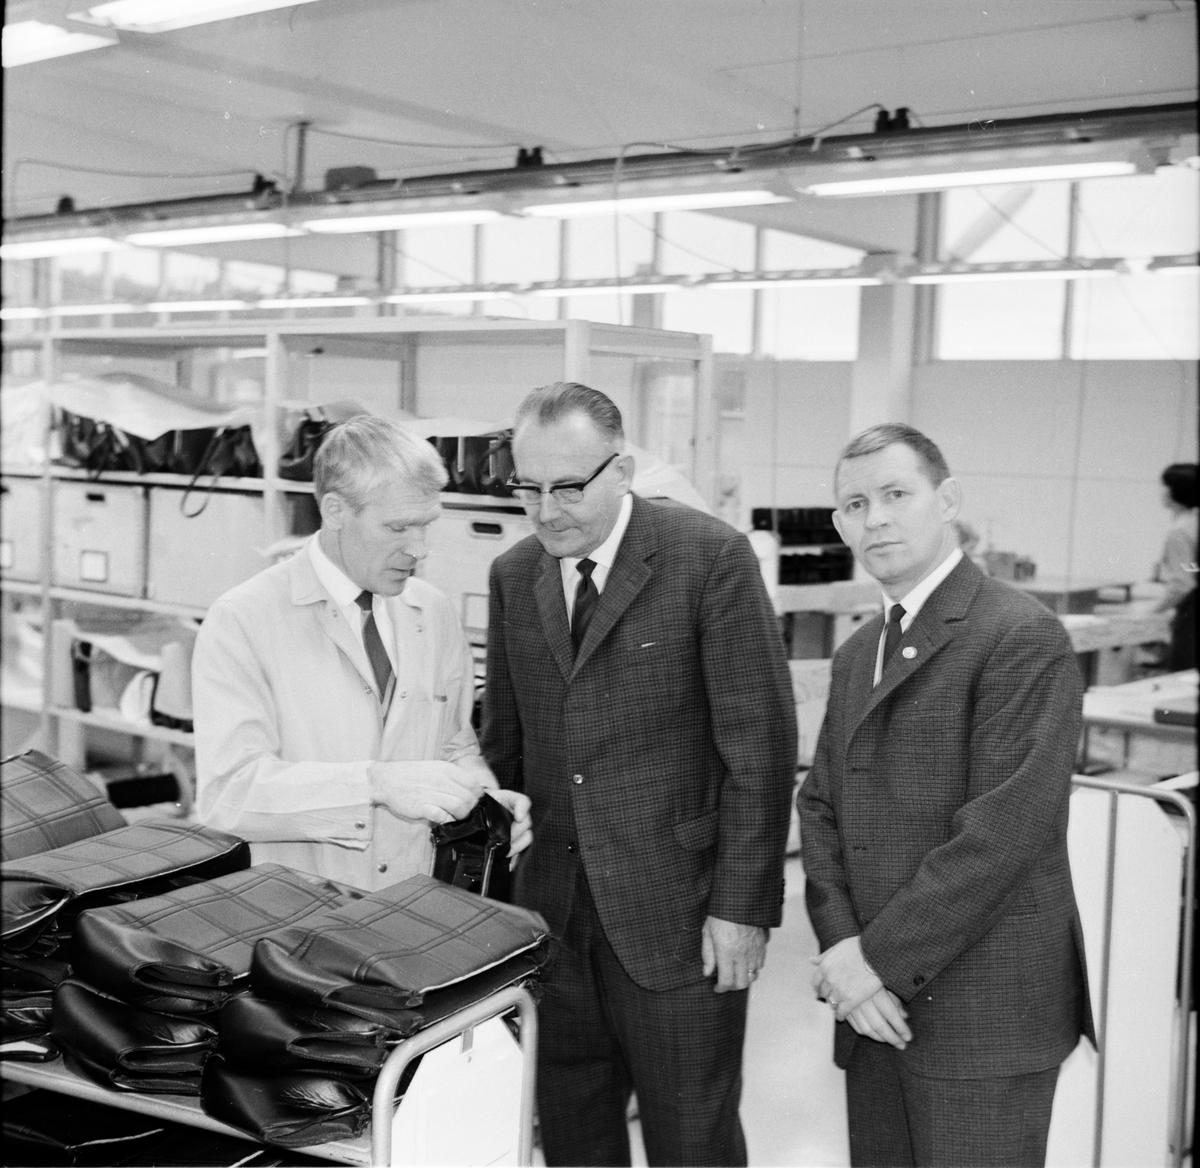 Visning av väskfabriken. November-1967